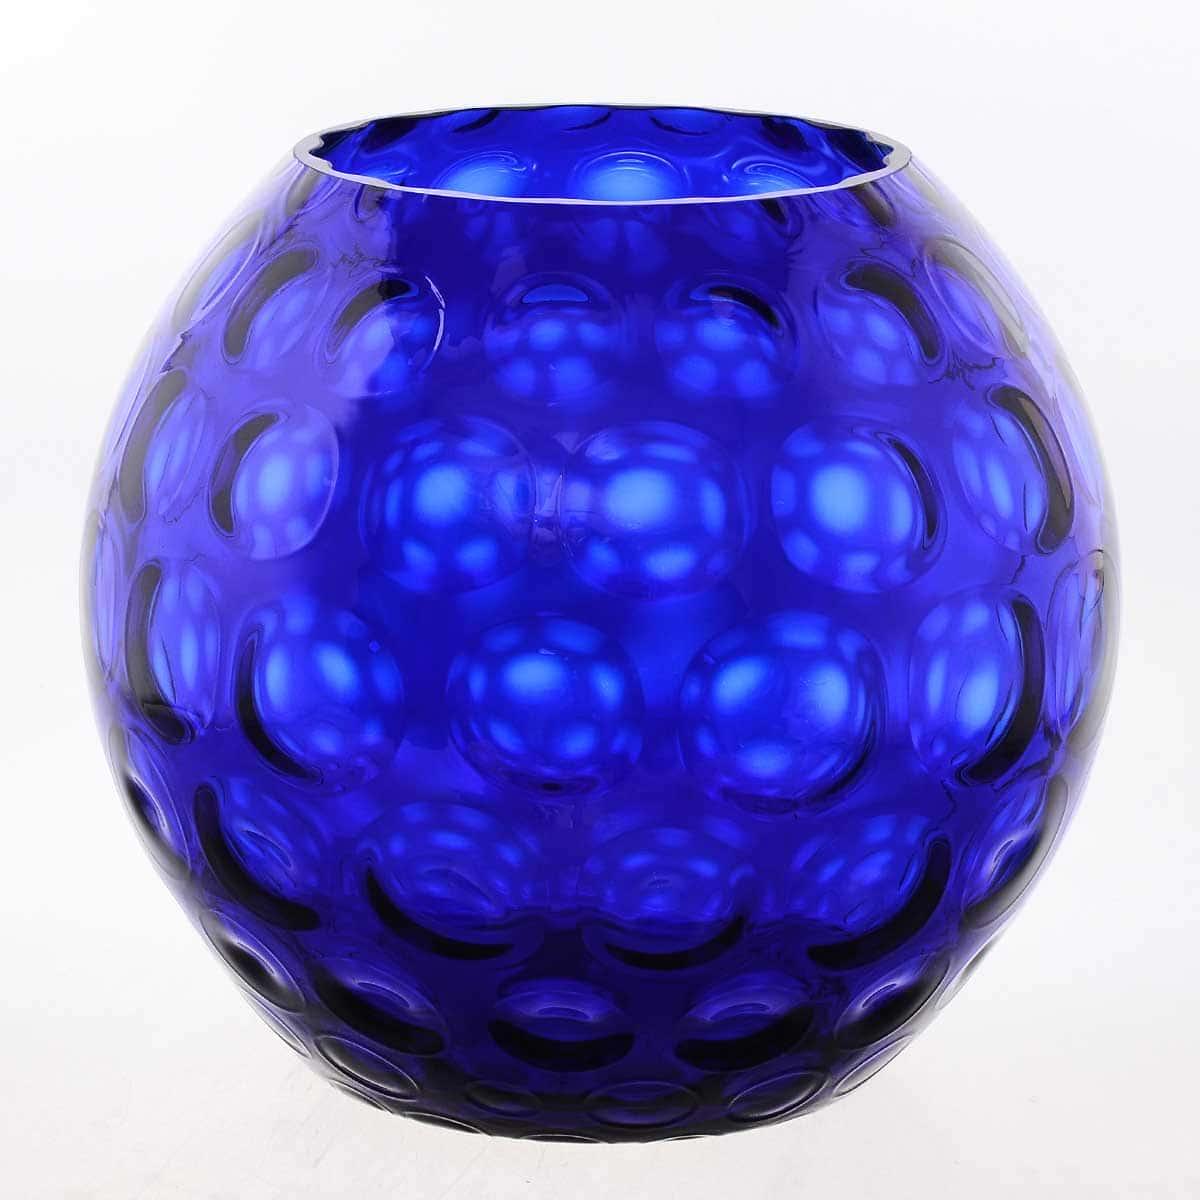 Ваза для цветов 25,5 см Egermann синяя